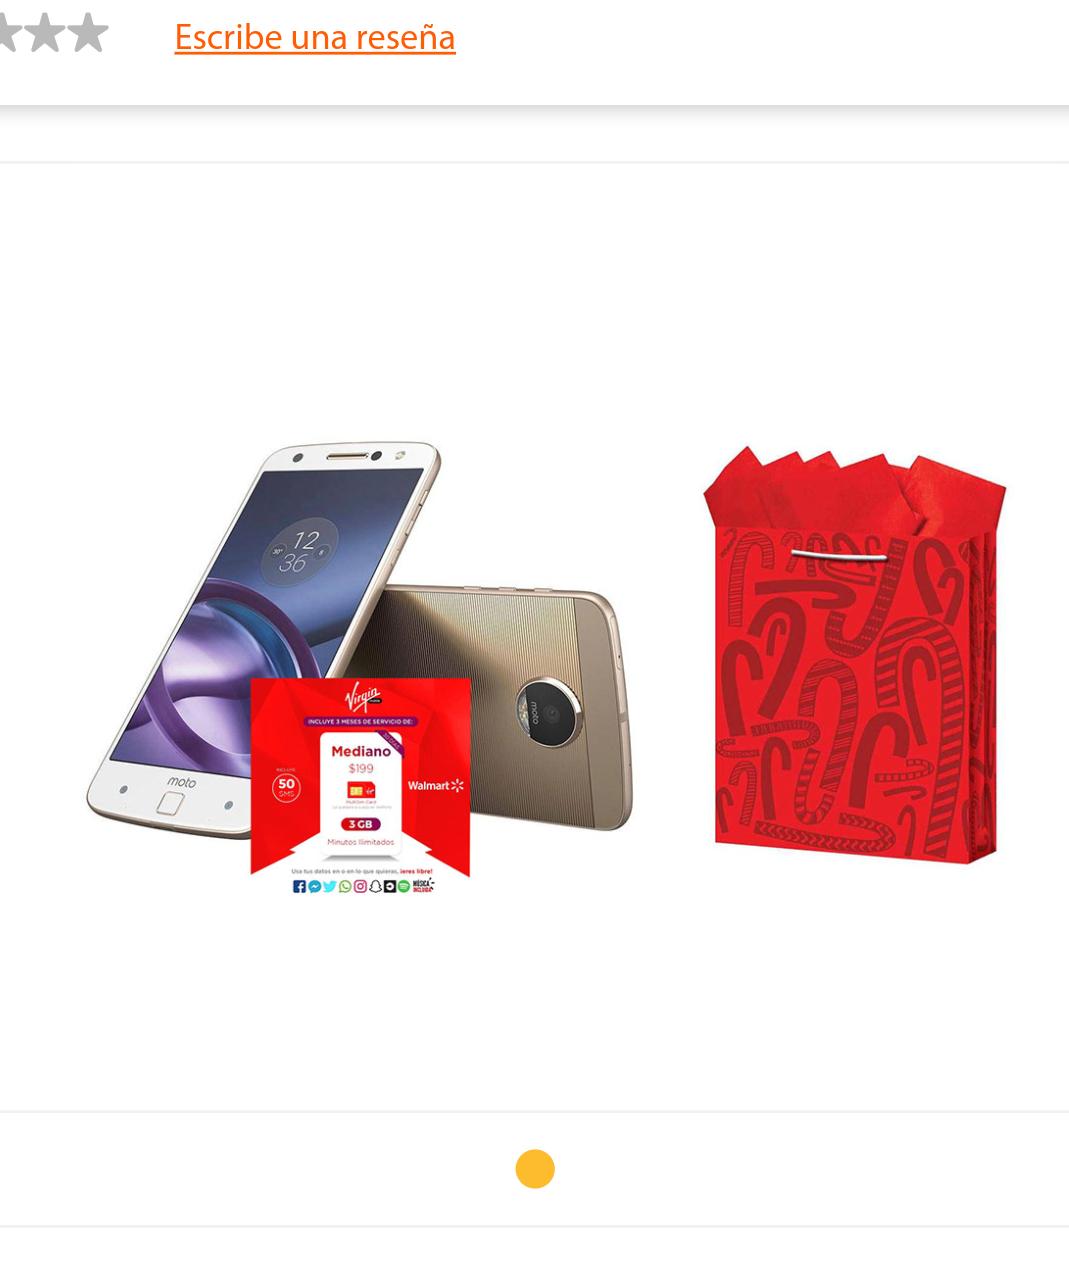 Walmart.com : Moto Z Virgin Mobile + 3 meses de internet 3gb y llamadas ilimitadas (preco con  Banamex a 18 MSI)